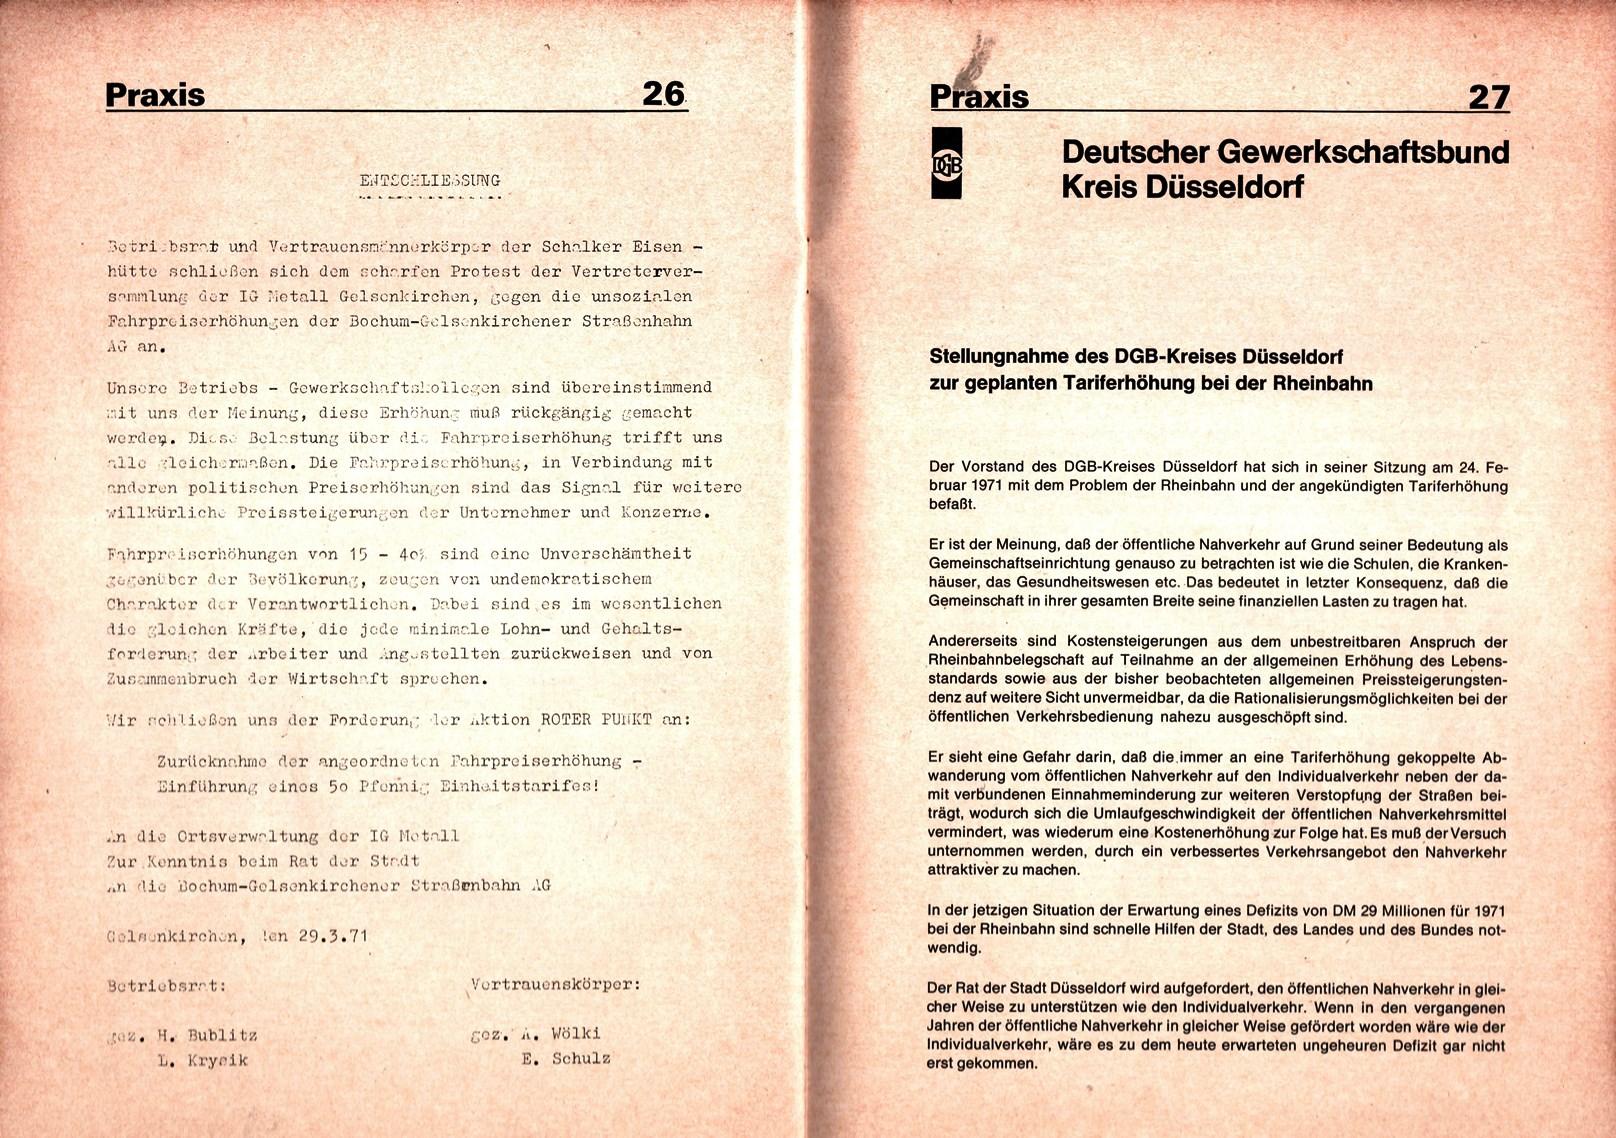 DKP_Praxis_1971_04_014